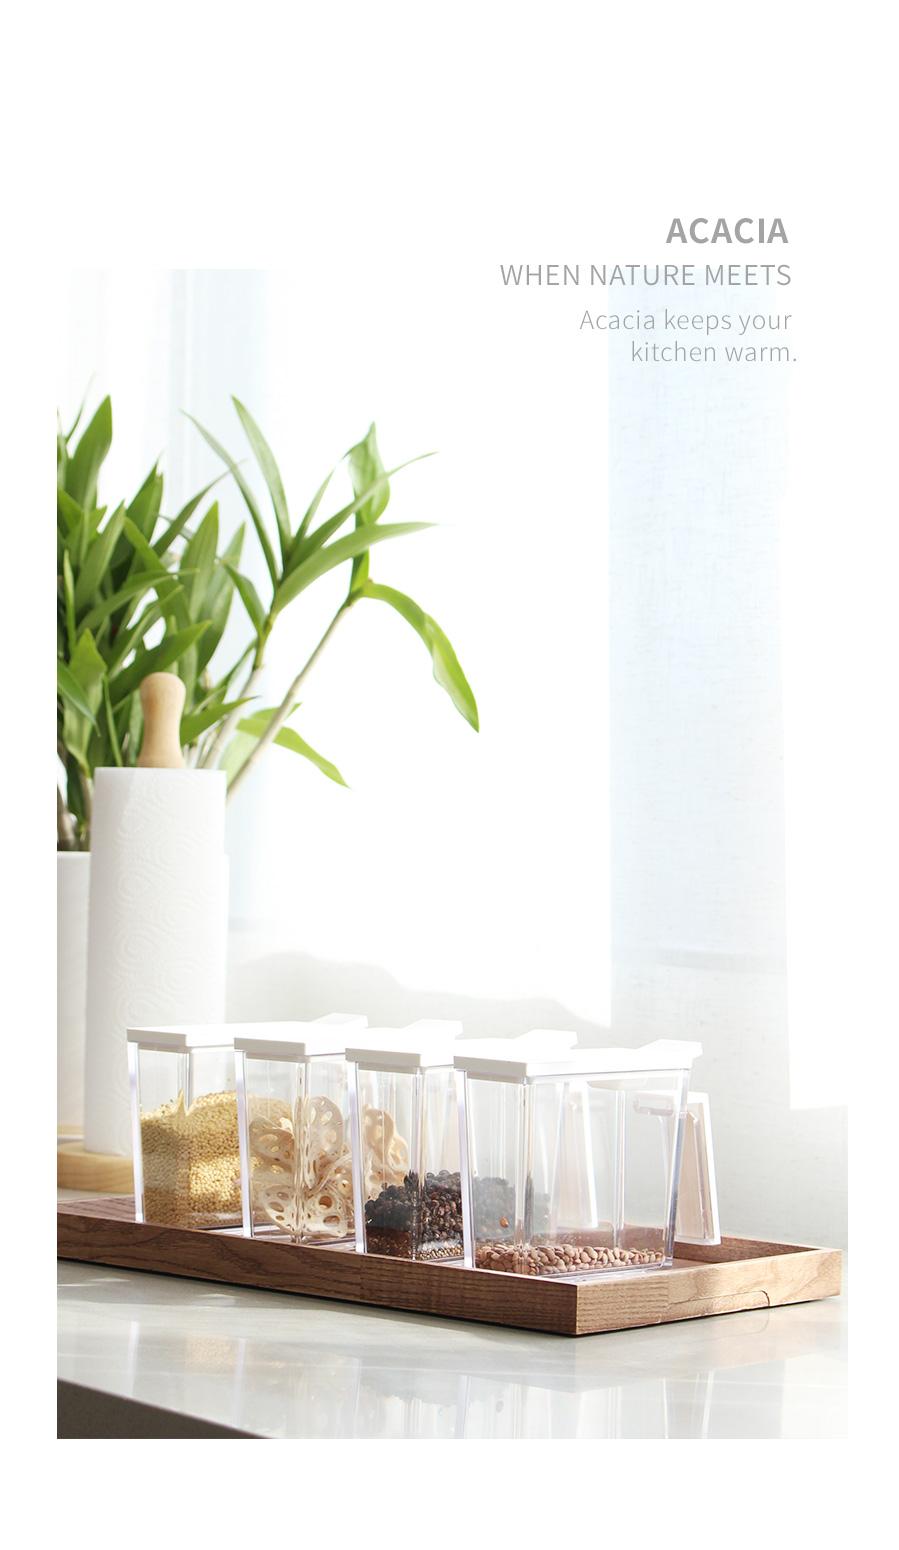 마가렛 양념통 미니4P세트 양념병 양념보관함 - 아카시아, 10,140원, 주방정리용품, 조리통